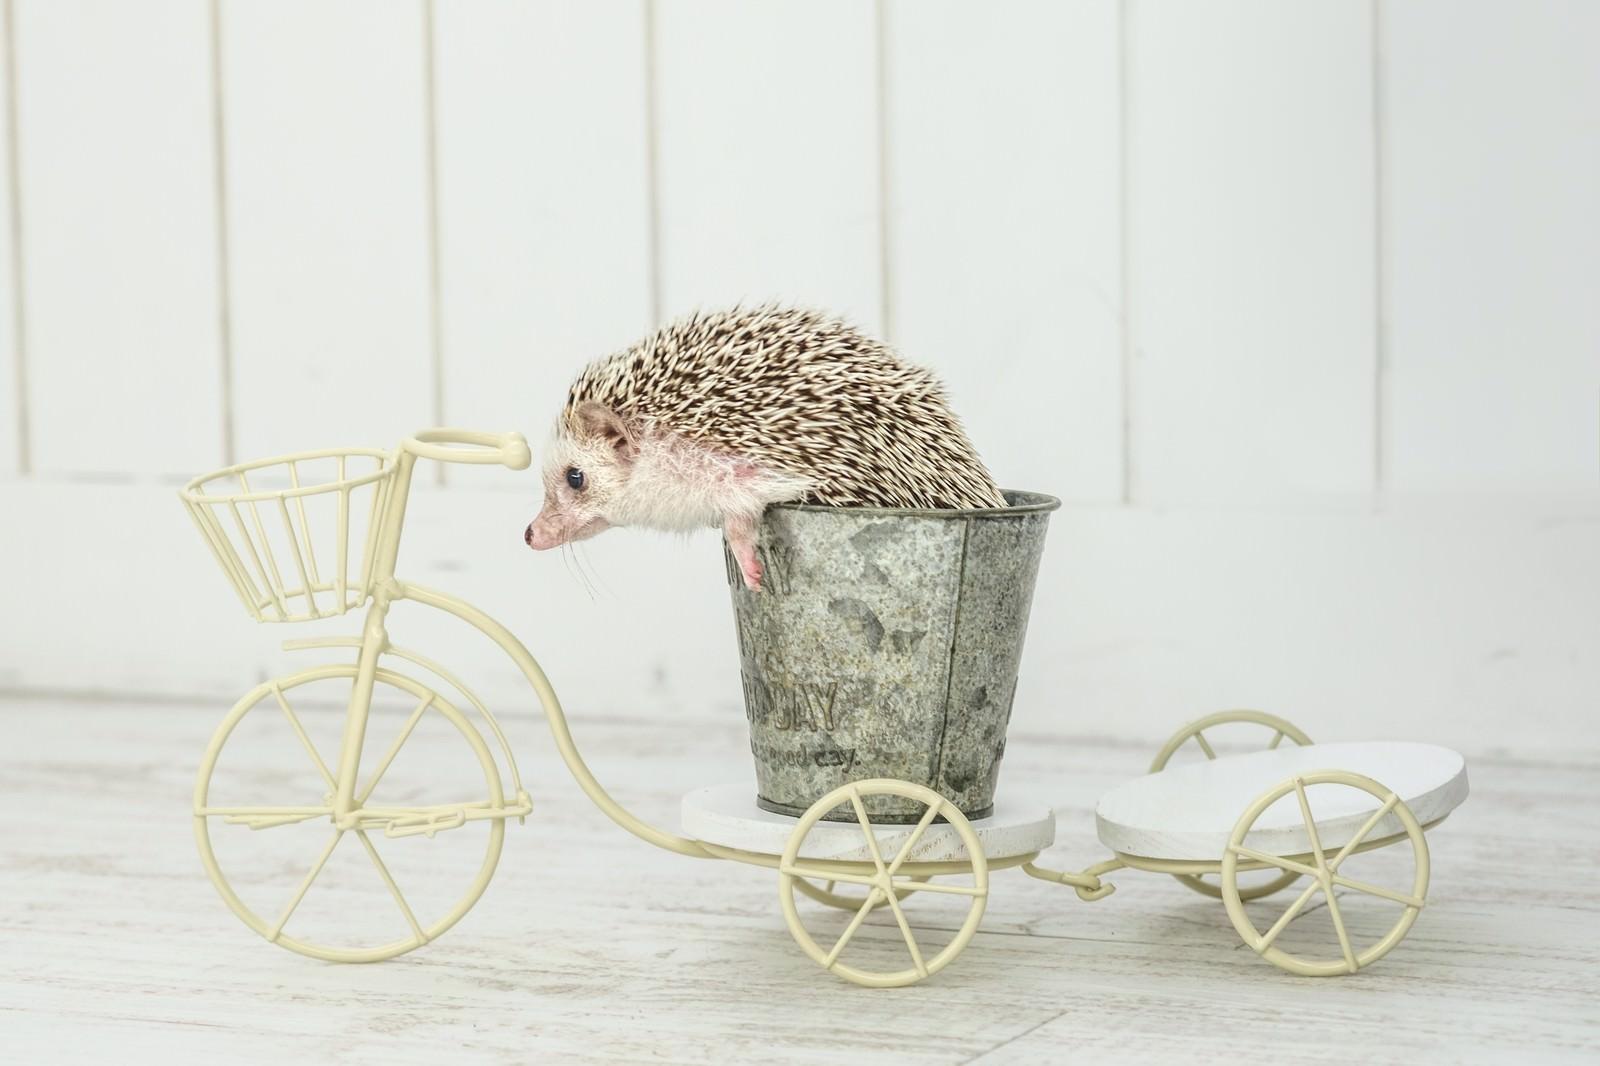 「自転車に乗るハリネズミ」の写真